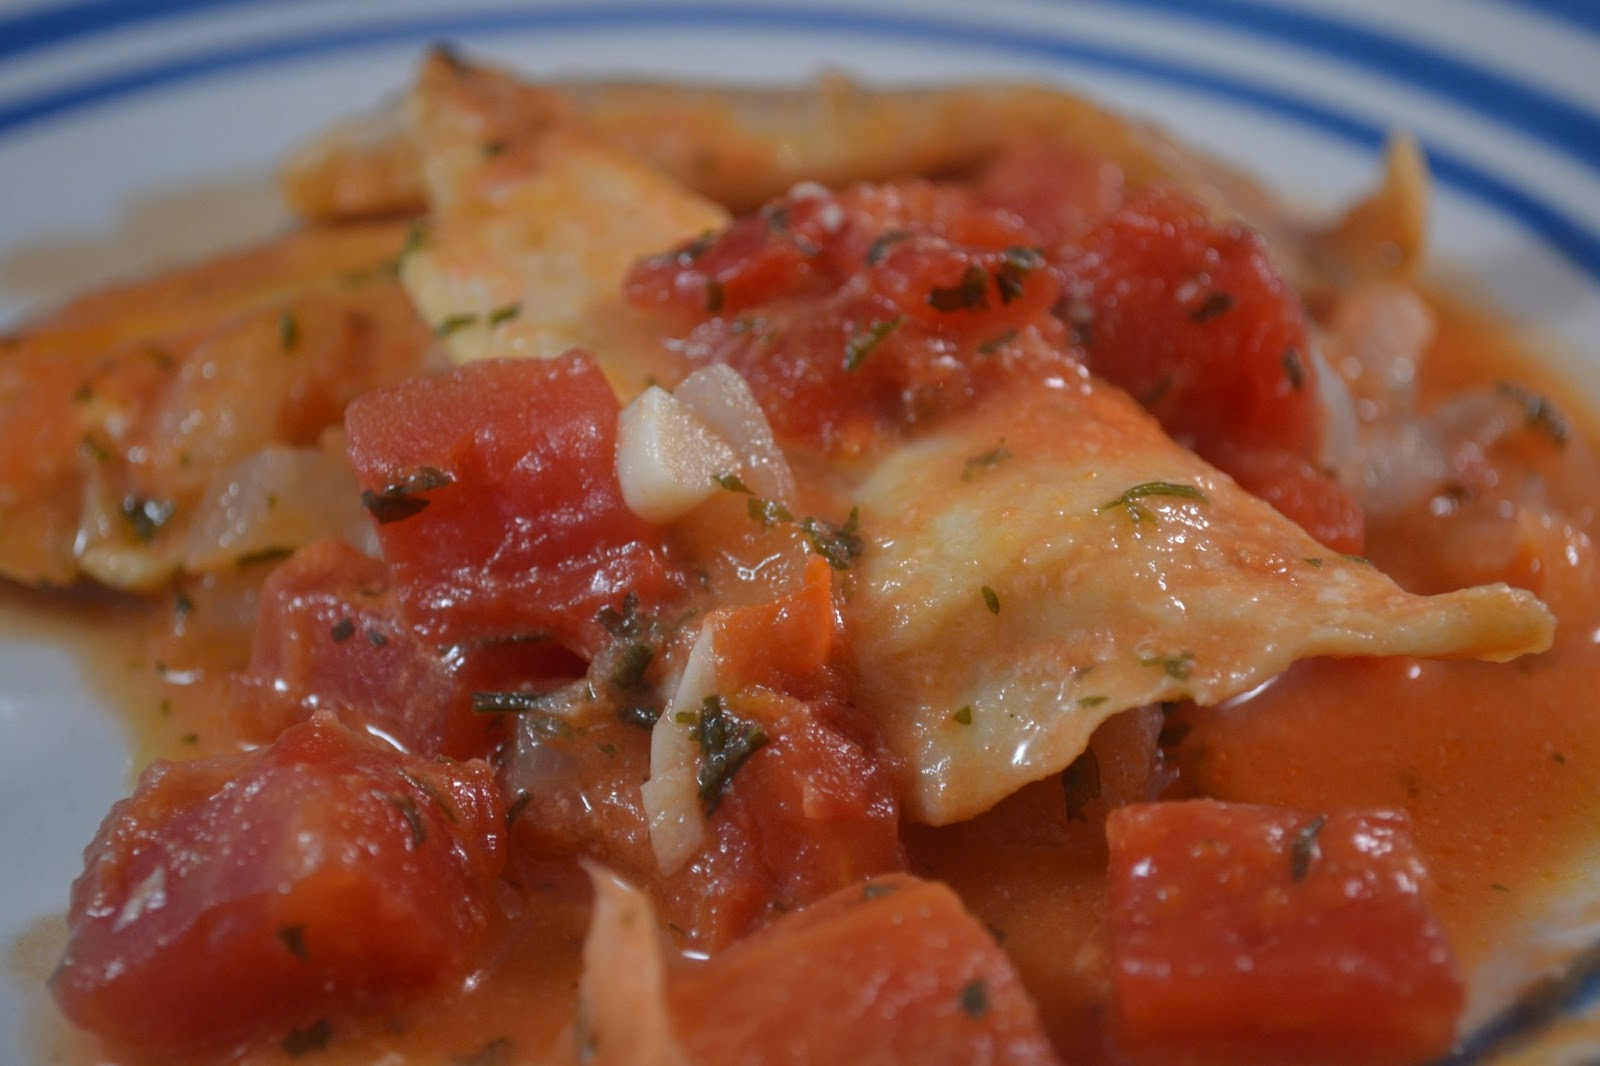 Fish Fillets Italiano by Bonnie Martin on AllRecipes.com